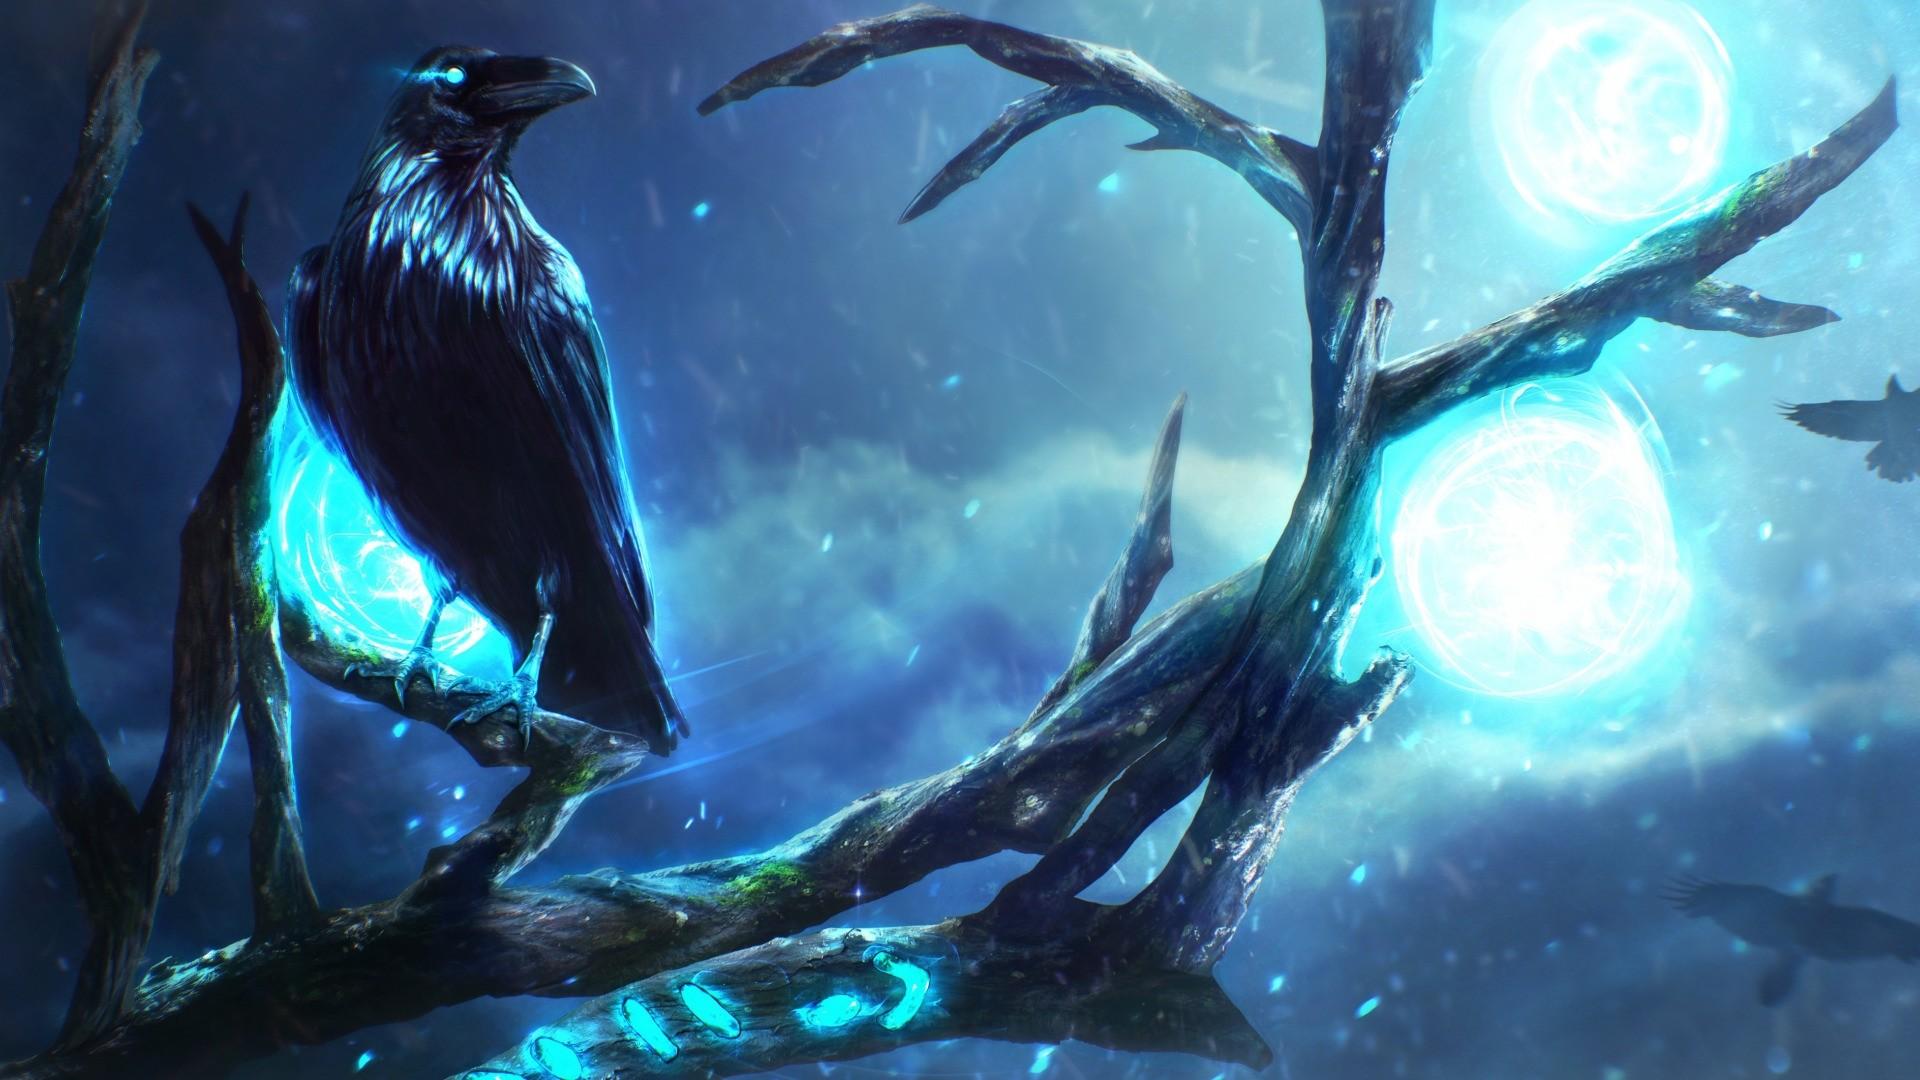 Raven HD Wallpaper